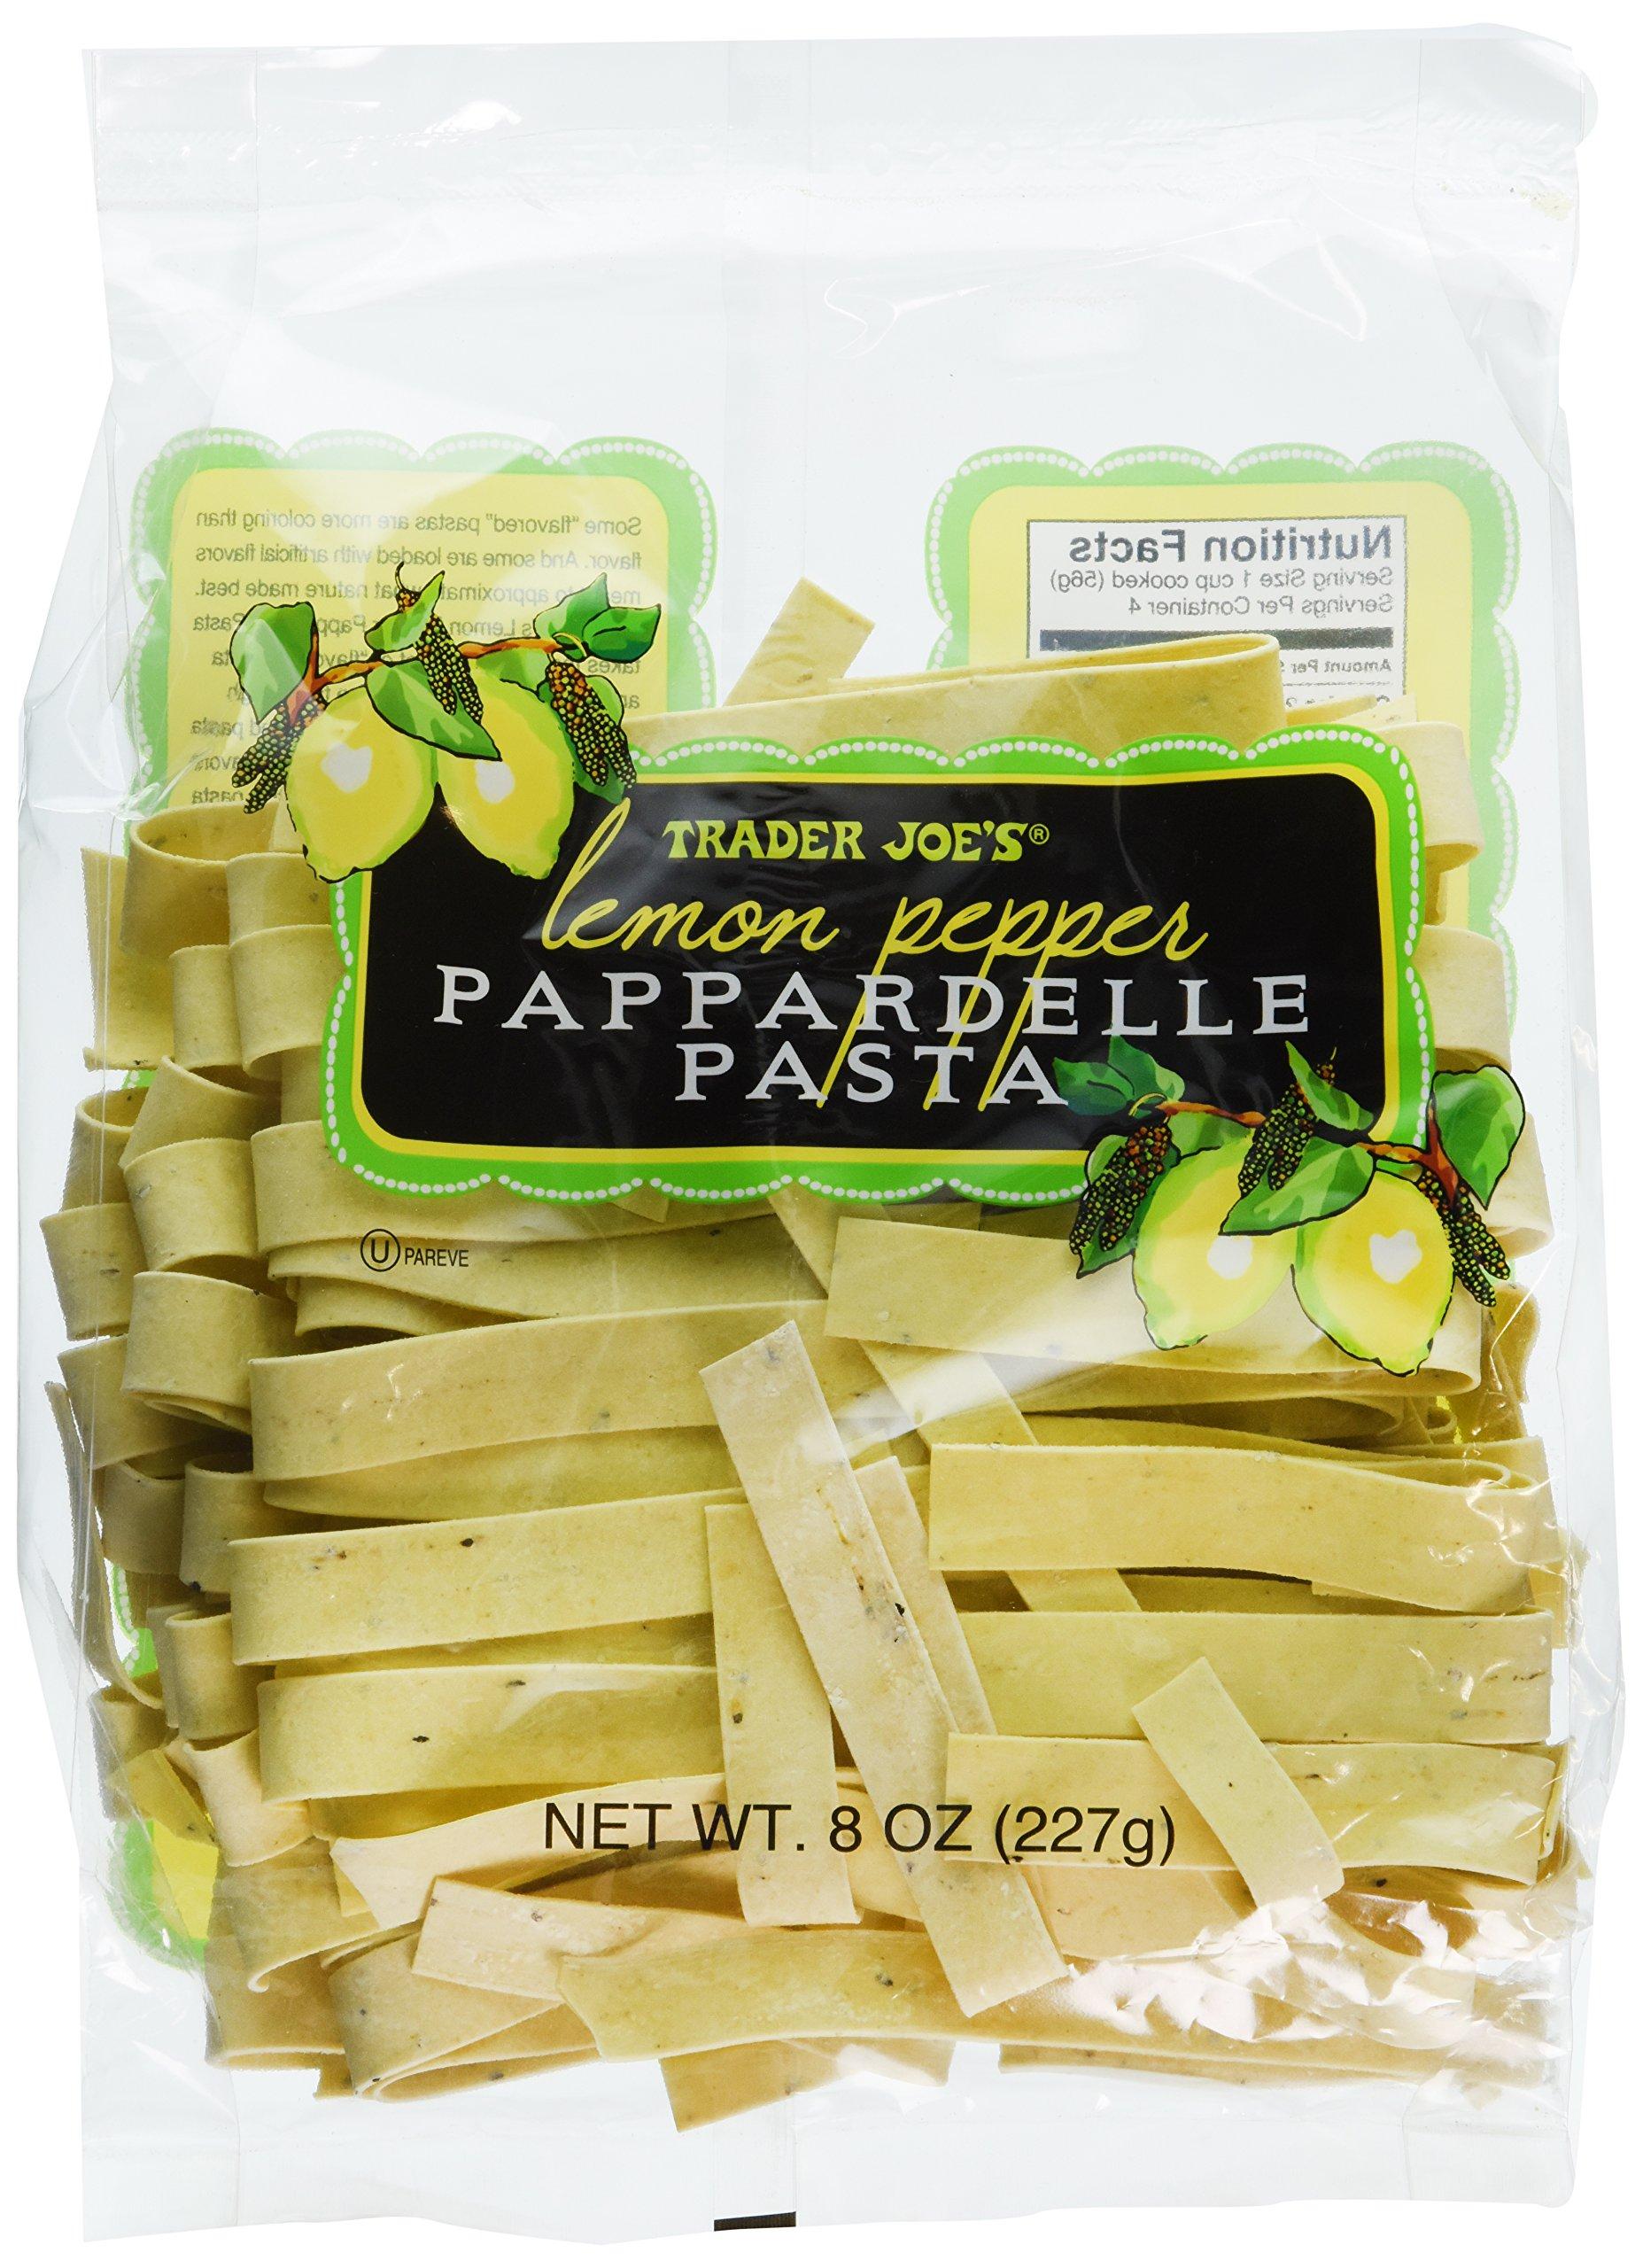 Trader Joe's Lemon Pepper Pappardelle Pasta (Pack of 6)